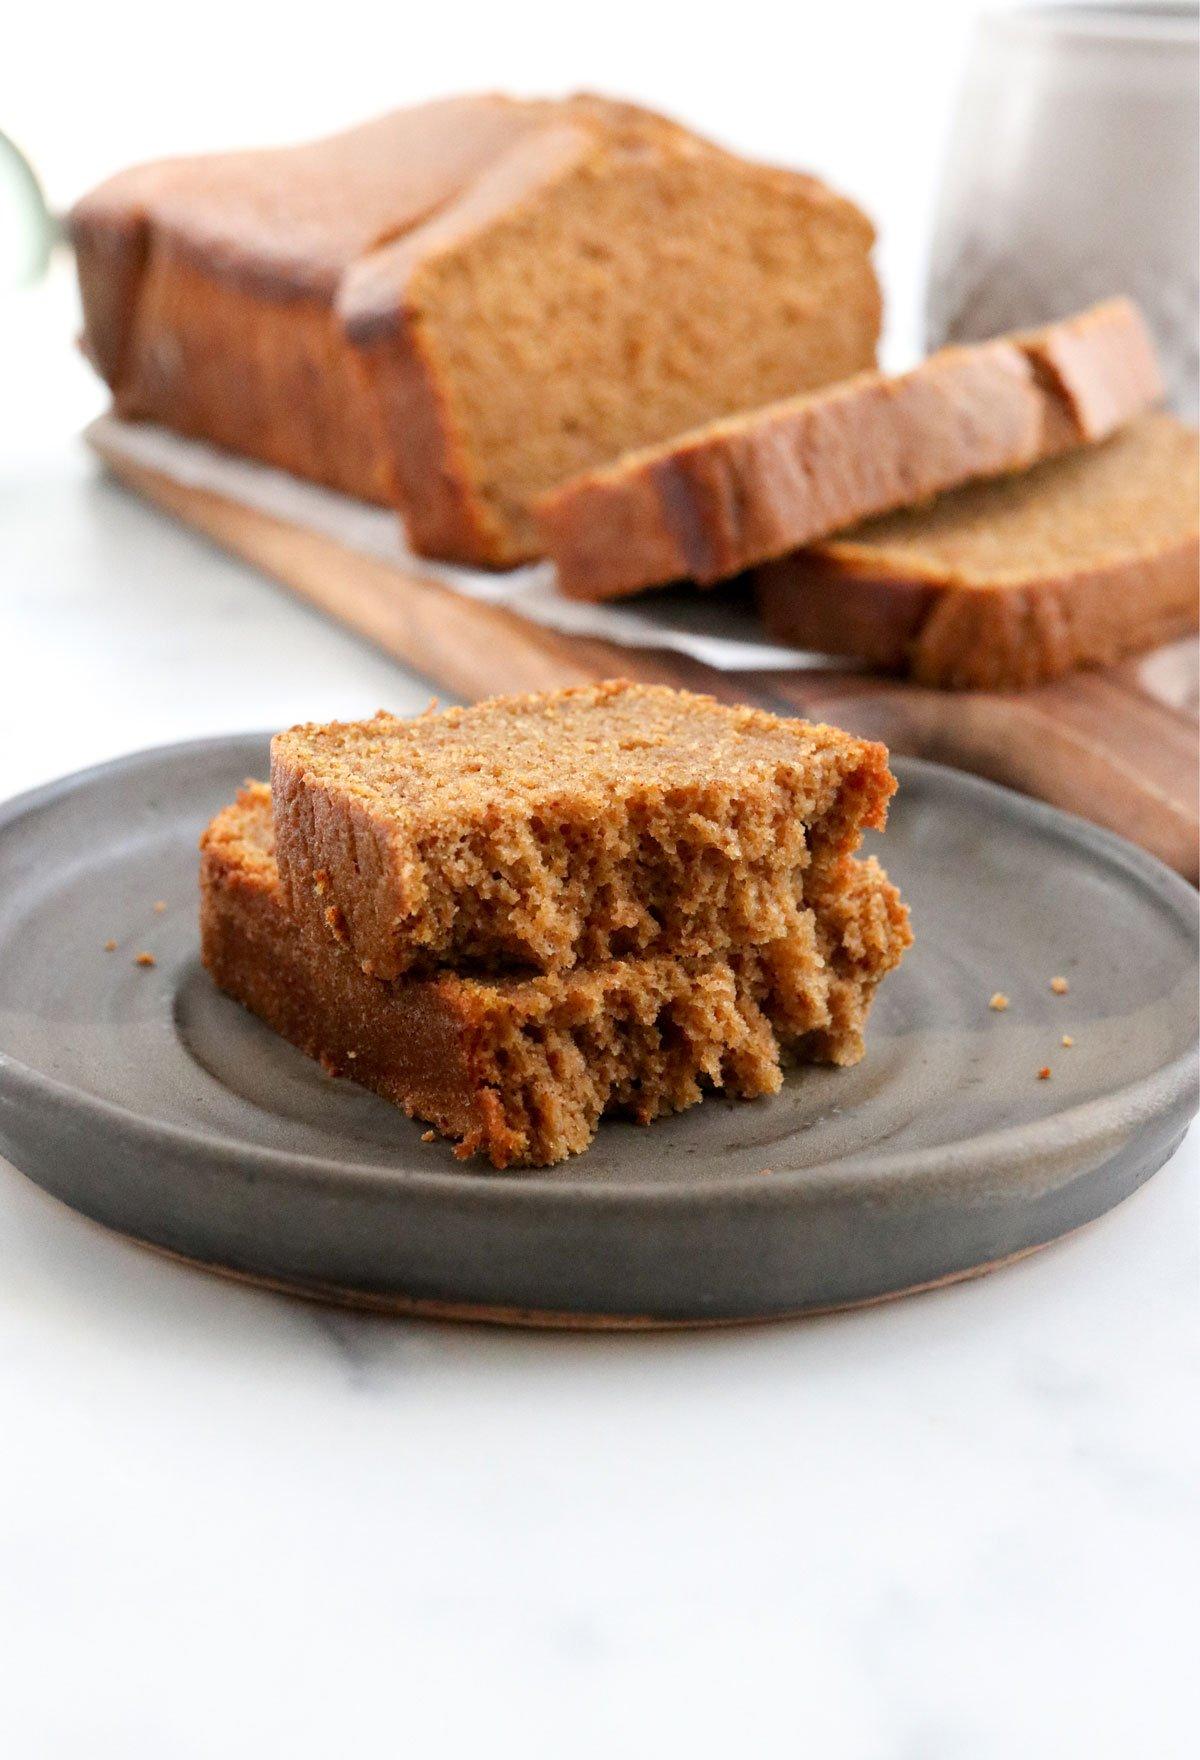 pumpkin bread slice in half on plate